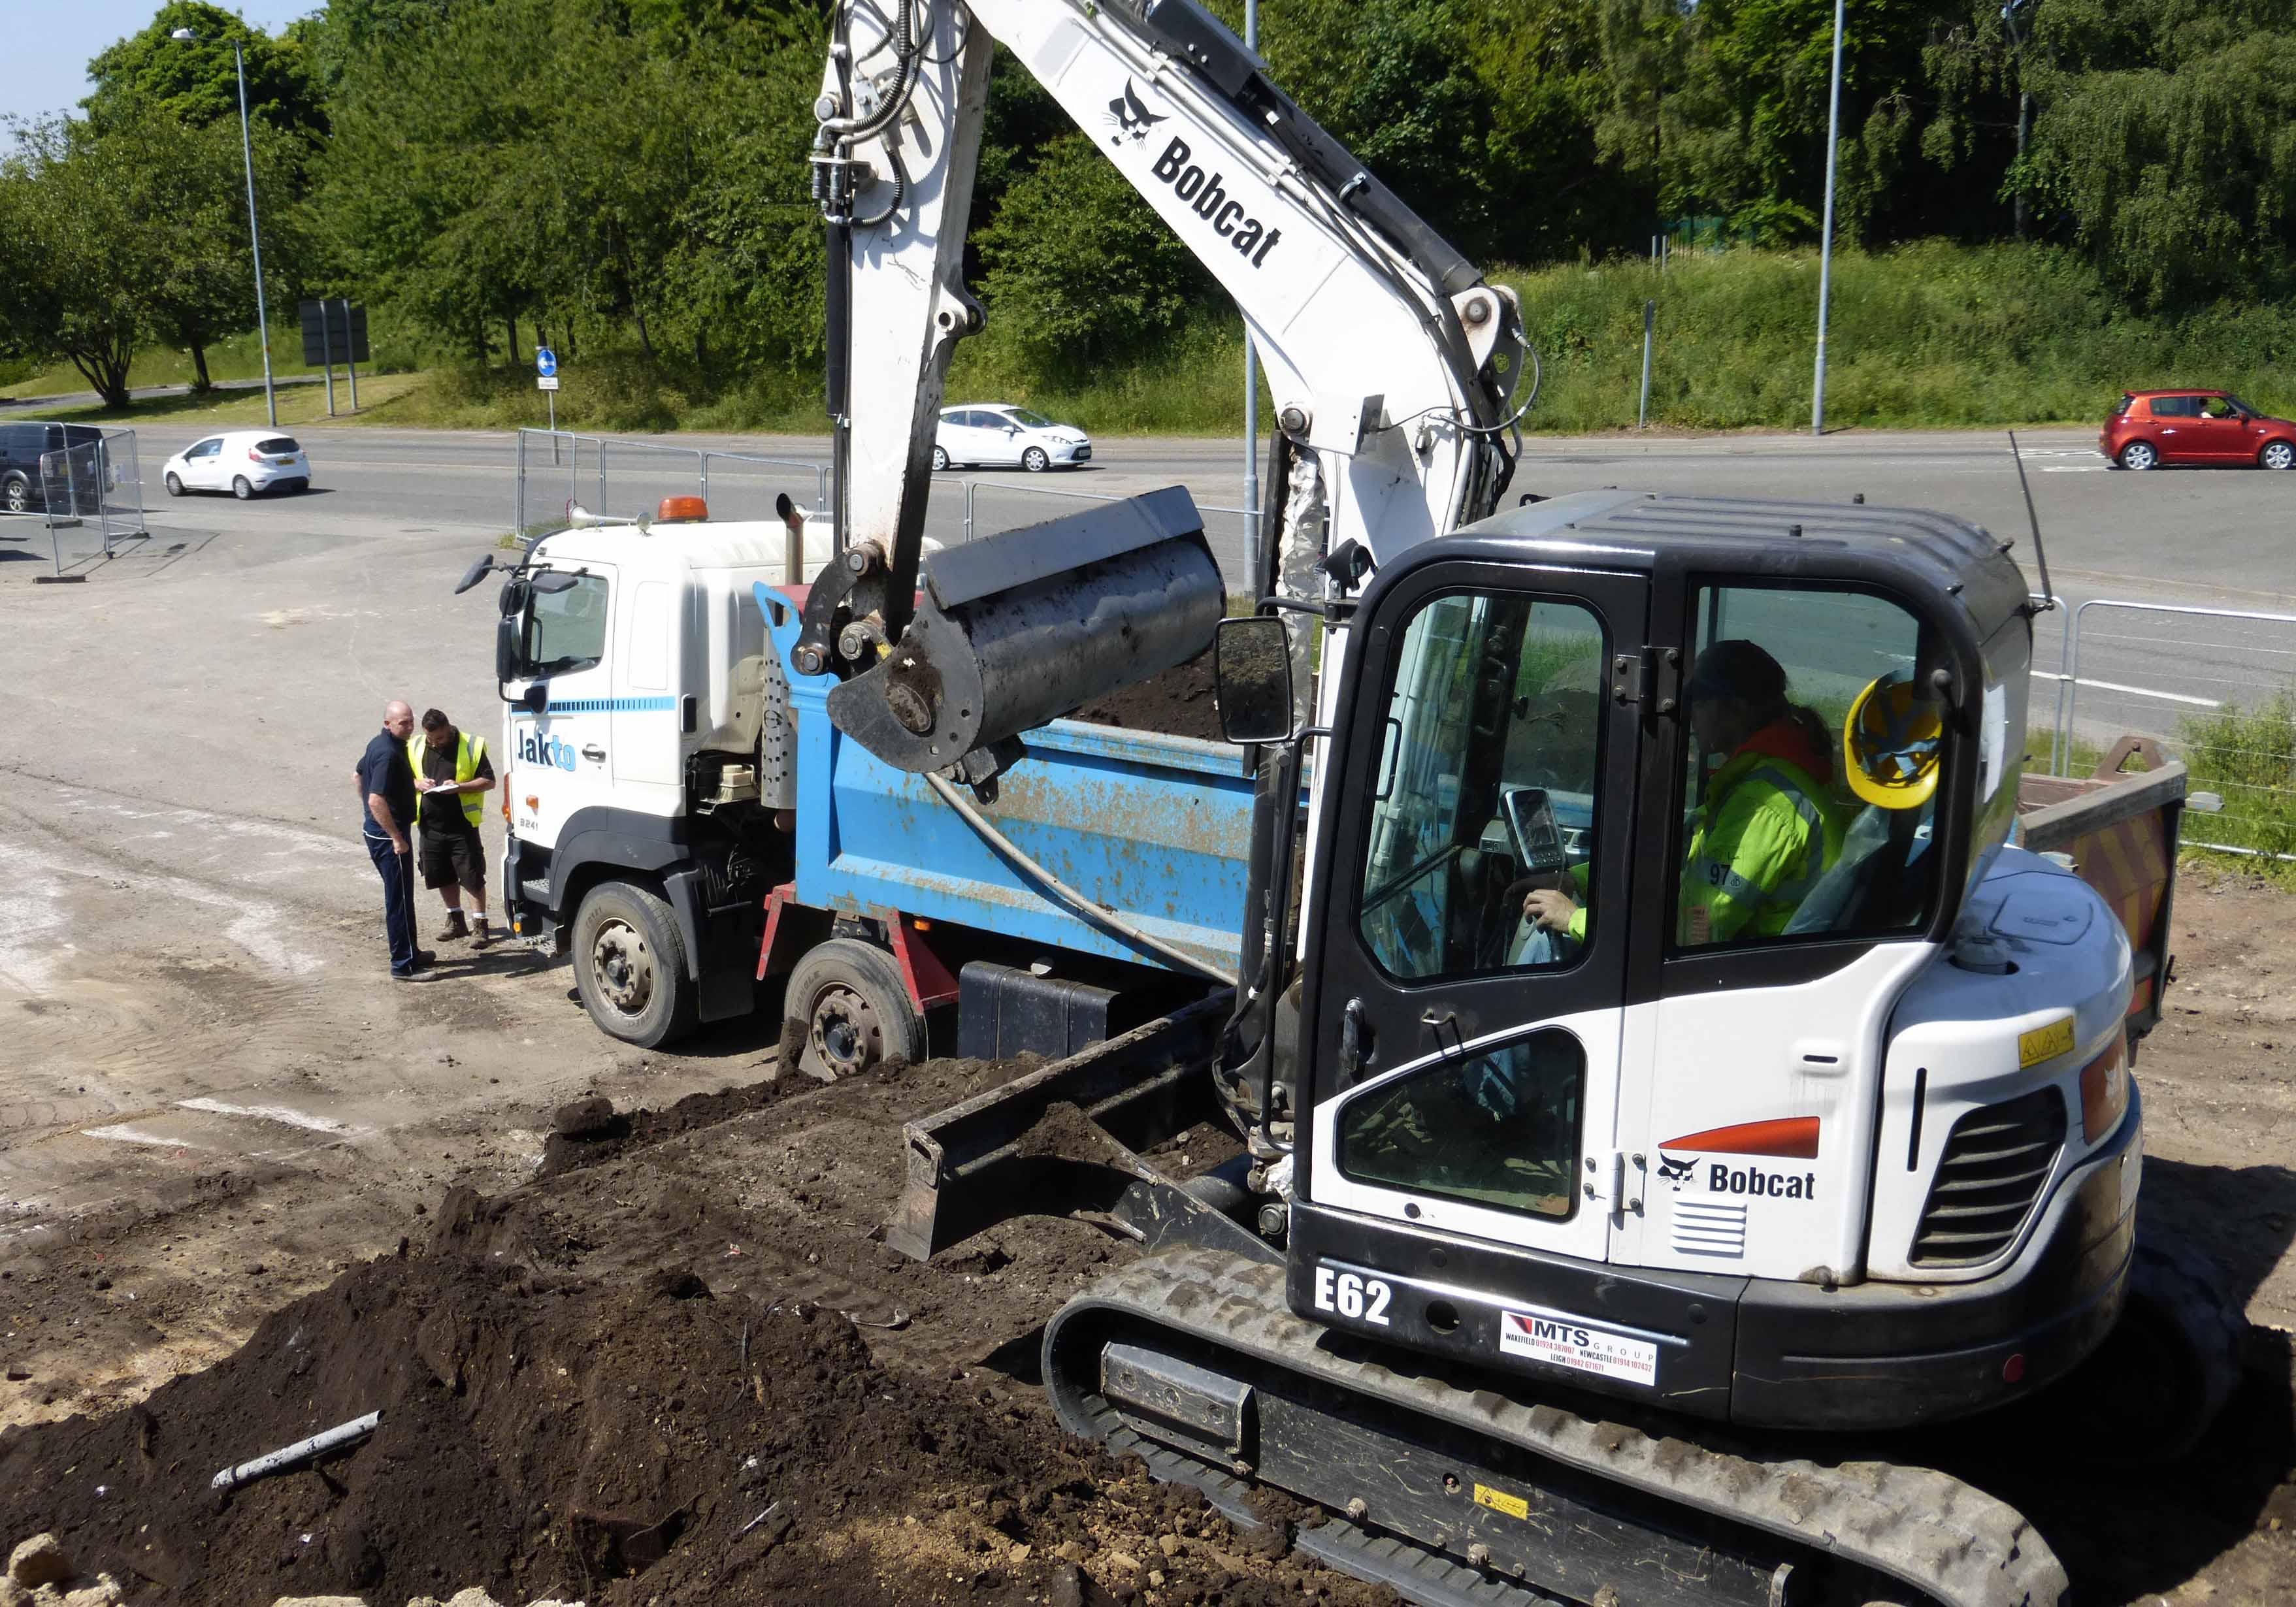 6 0 Tonne Bobcat & Yanmar Midi Excavator Hire and Rental